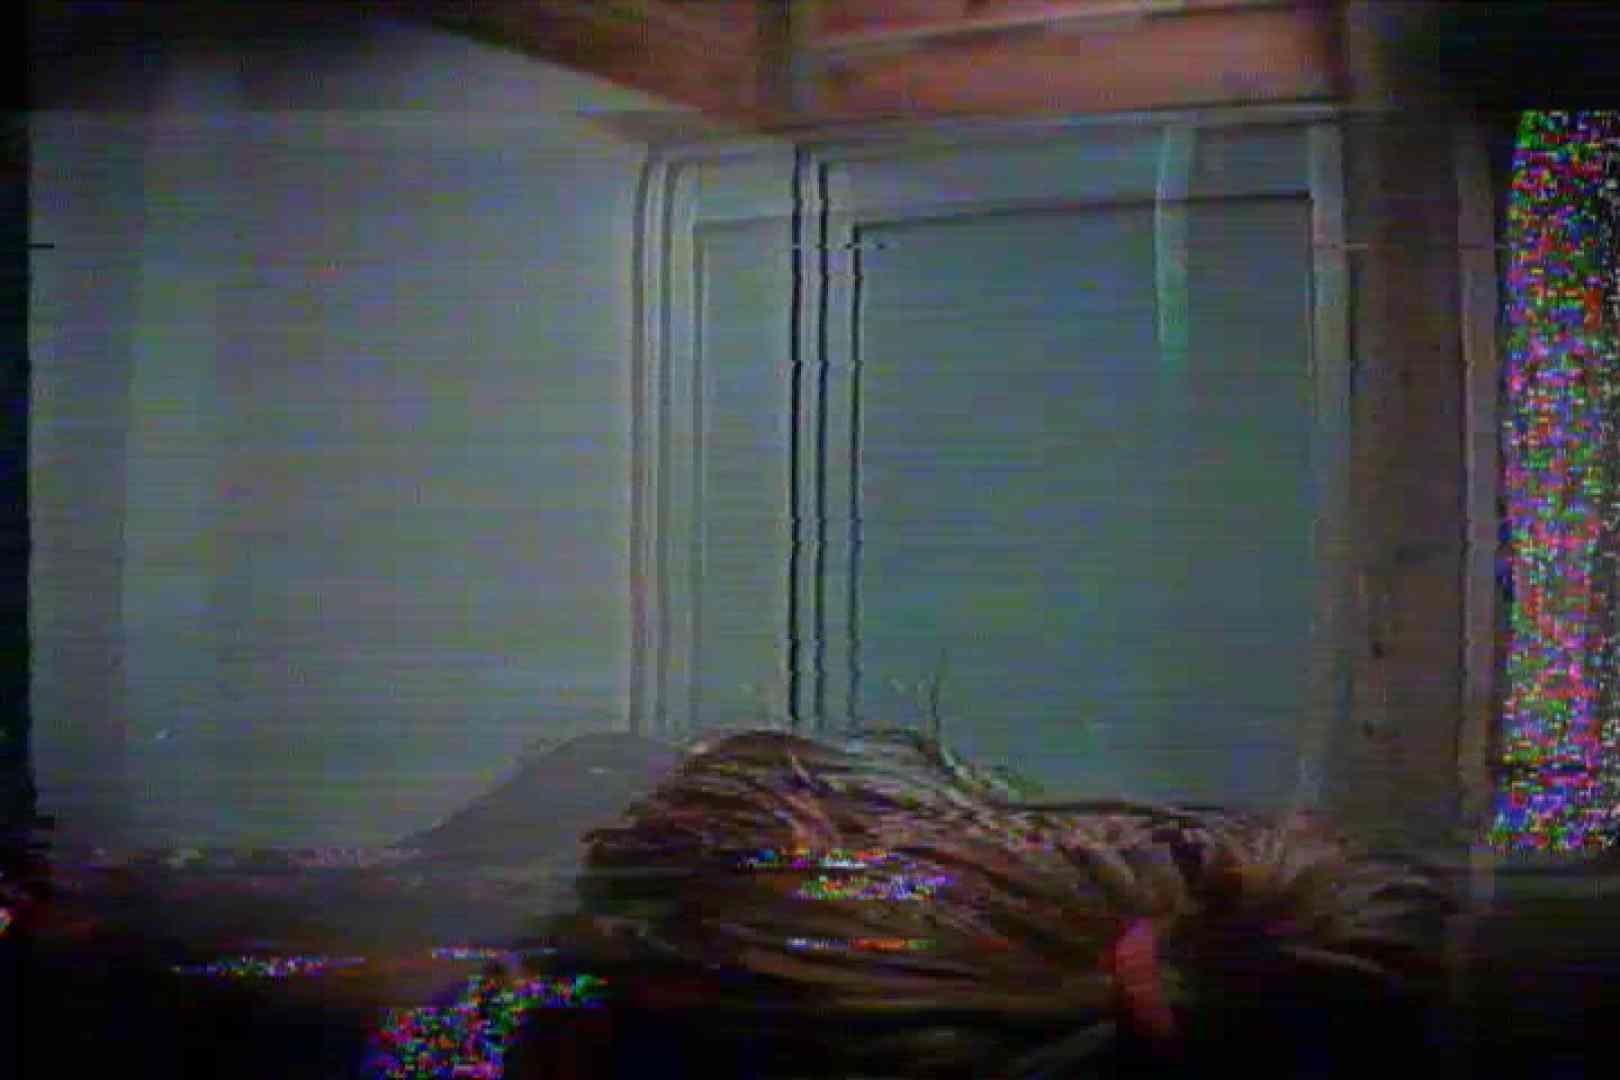 海の家の更衣室 Vol.20 日焼けした肌 セックス画像 107画像 55